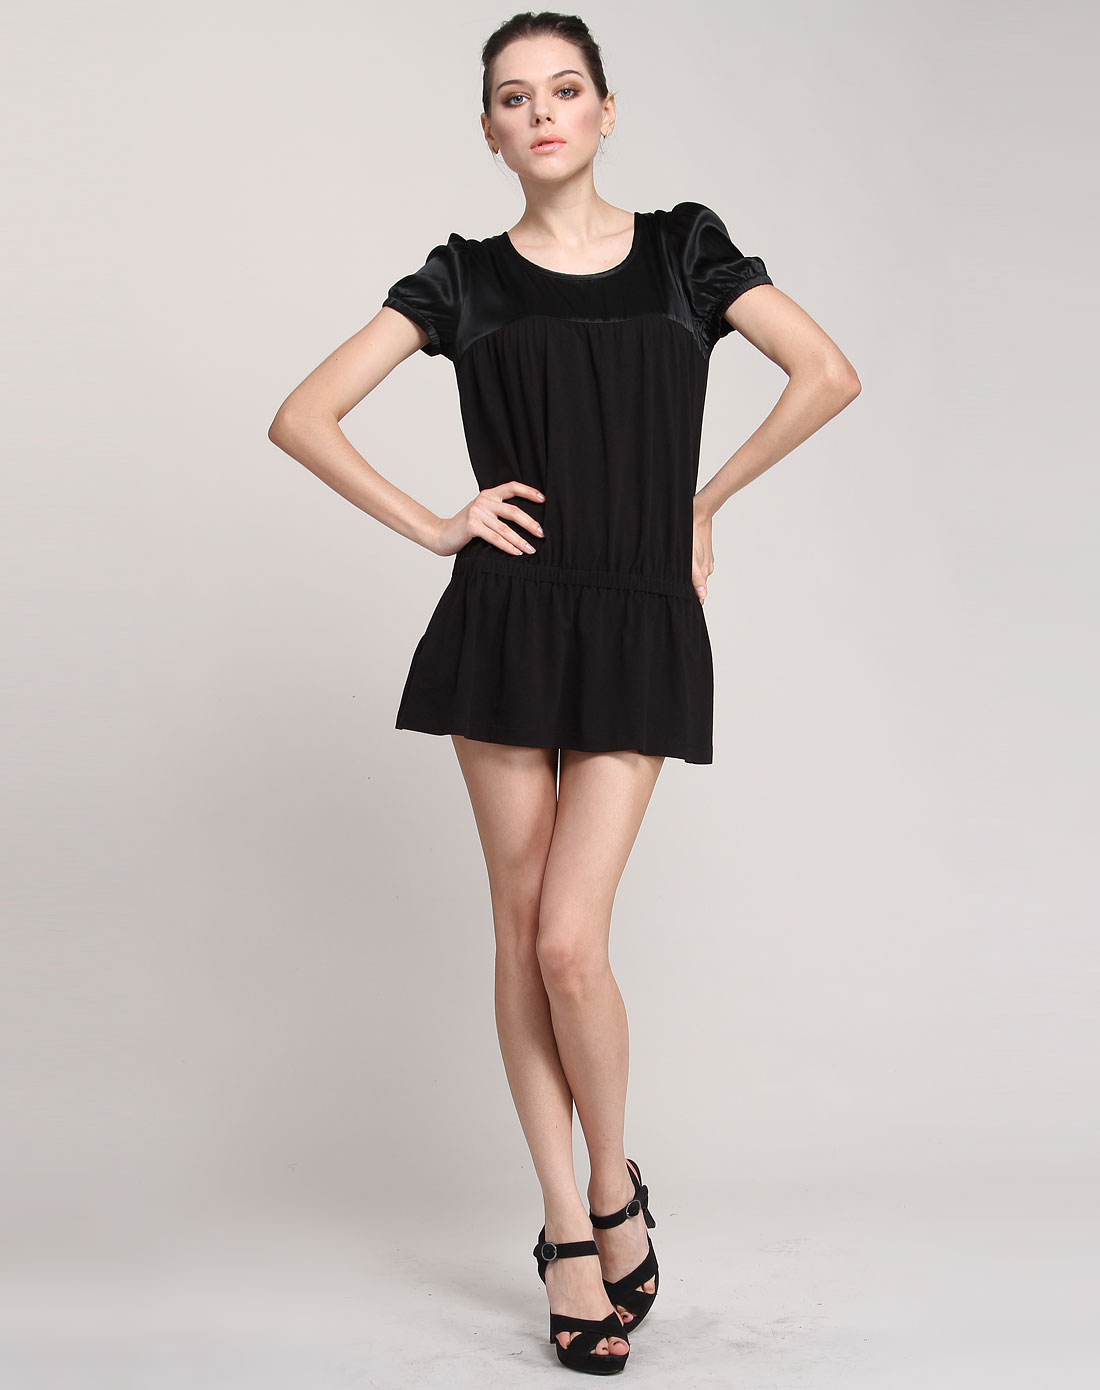 fairyfair女装专场-黑色时尚短袖针织连衣裙